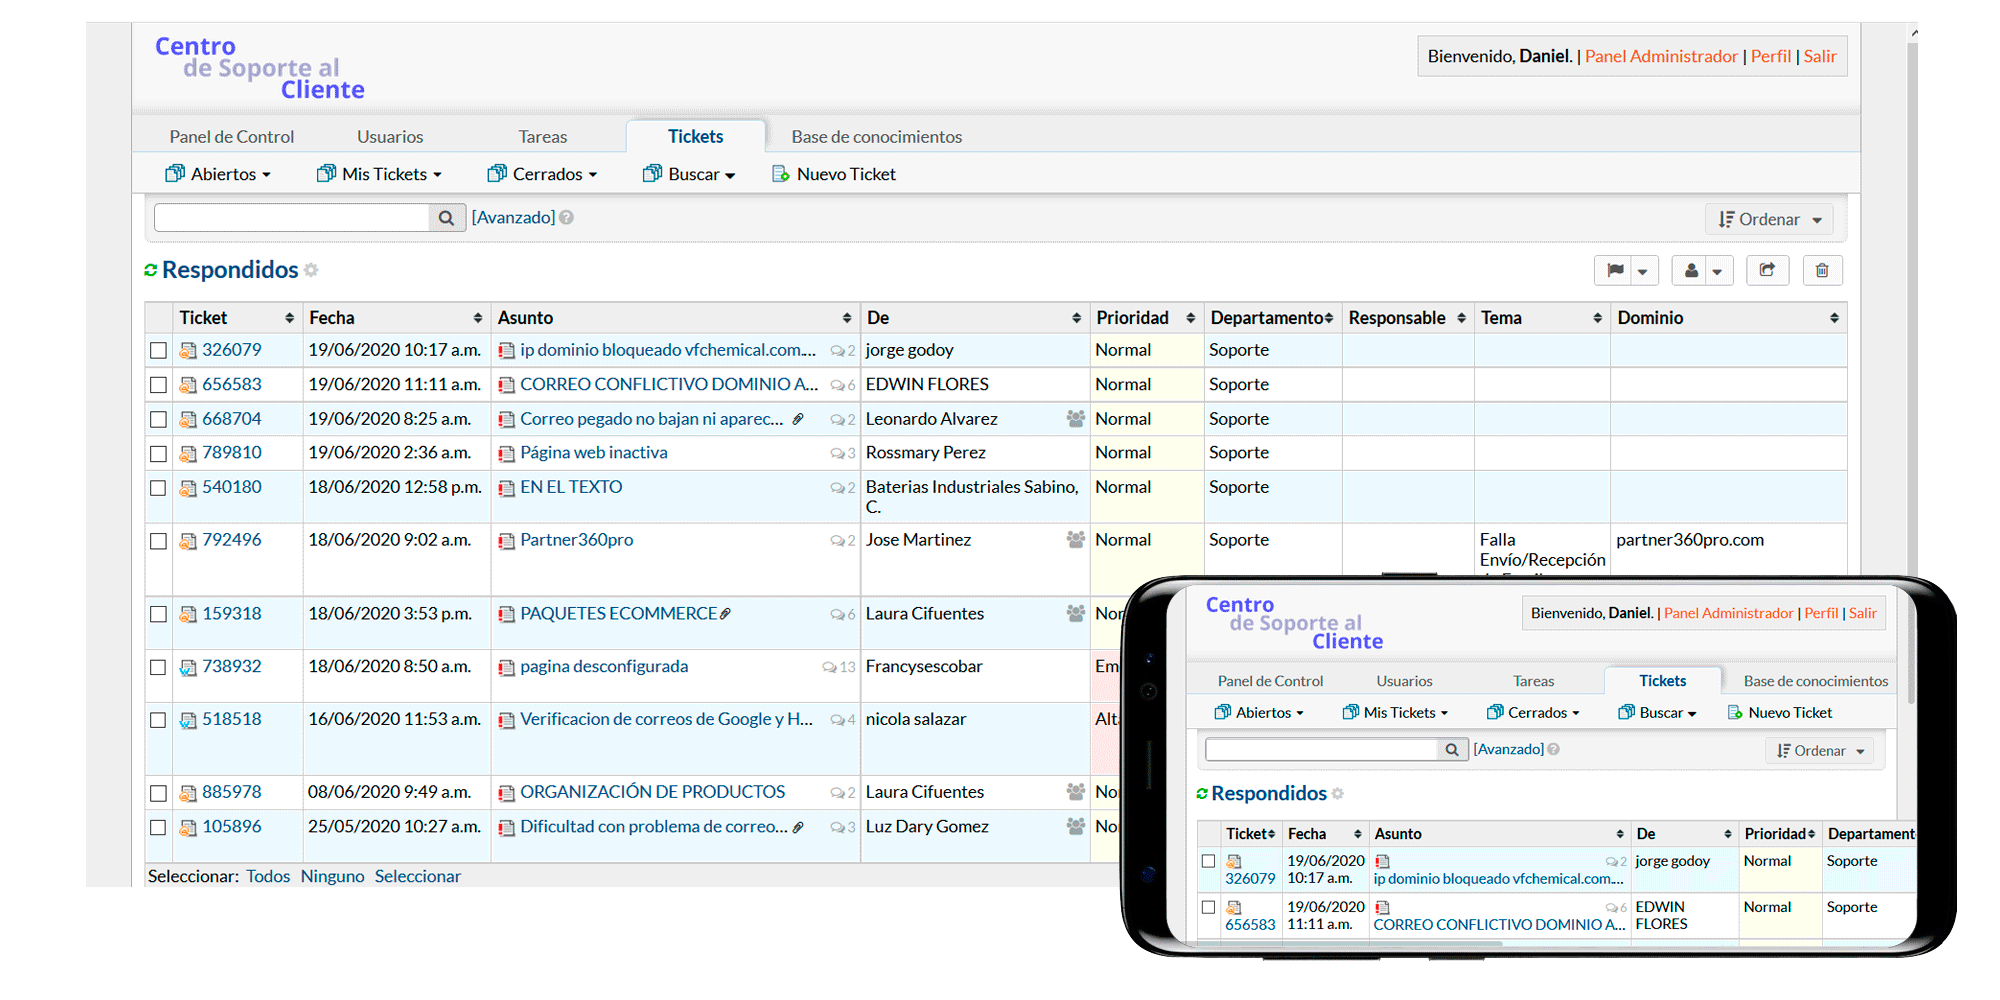 TecnoSupport - Plataforma en línea para el centro de soporte al cliente de tu negocio (Software de Servicio al Cliente) plataforma en línea para el centro de soporte al cliente de tu negocio (Software de Servicio al Cliente)